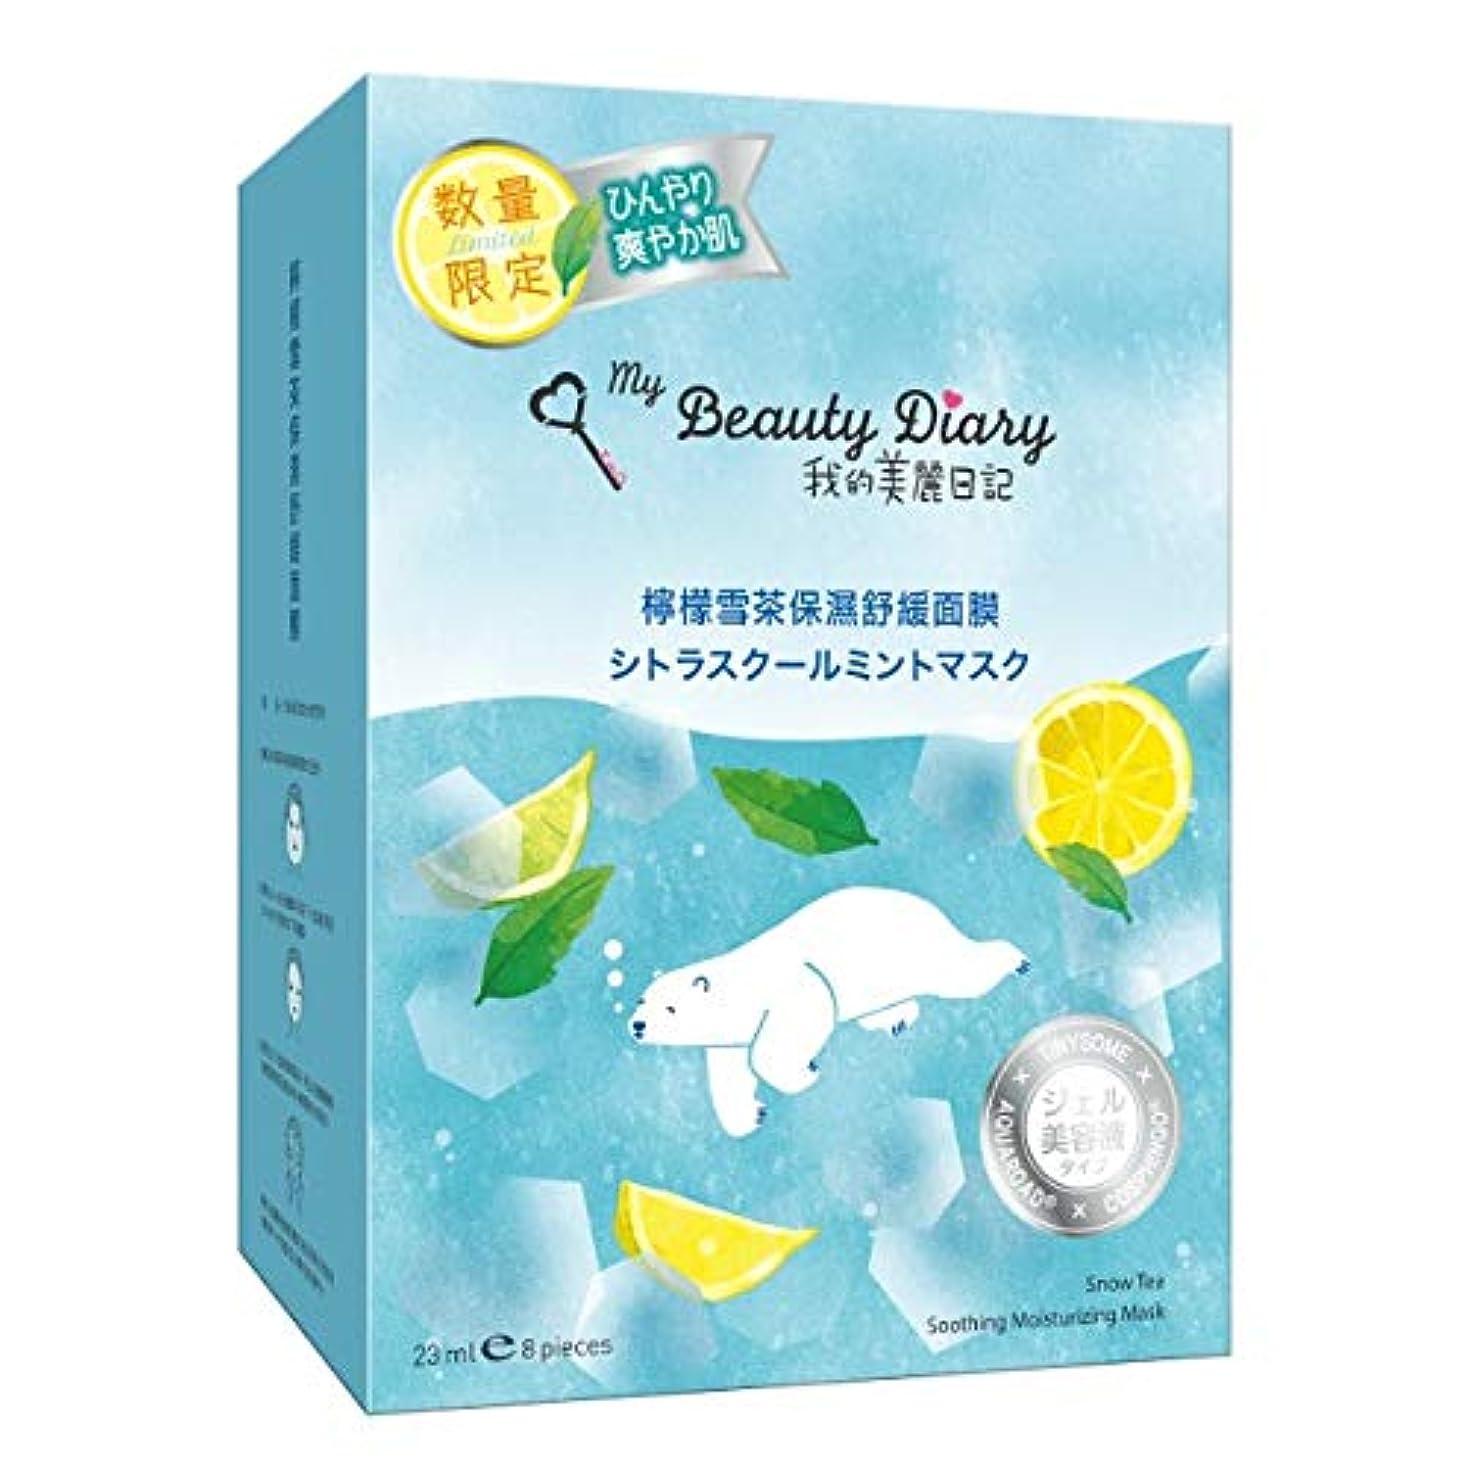 静脈成功するファン我的美麗日記(私のきれい日記) シトラスクールミントマスク 8枚入/我的美麗日記 檸檬雪茶保濕舒緩面膜 8枚入